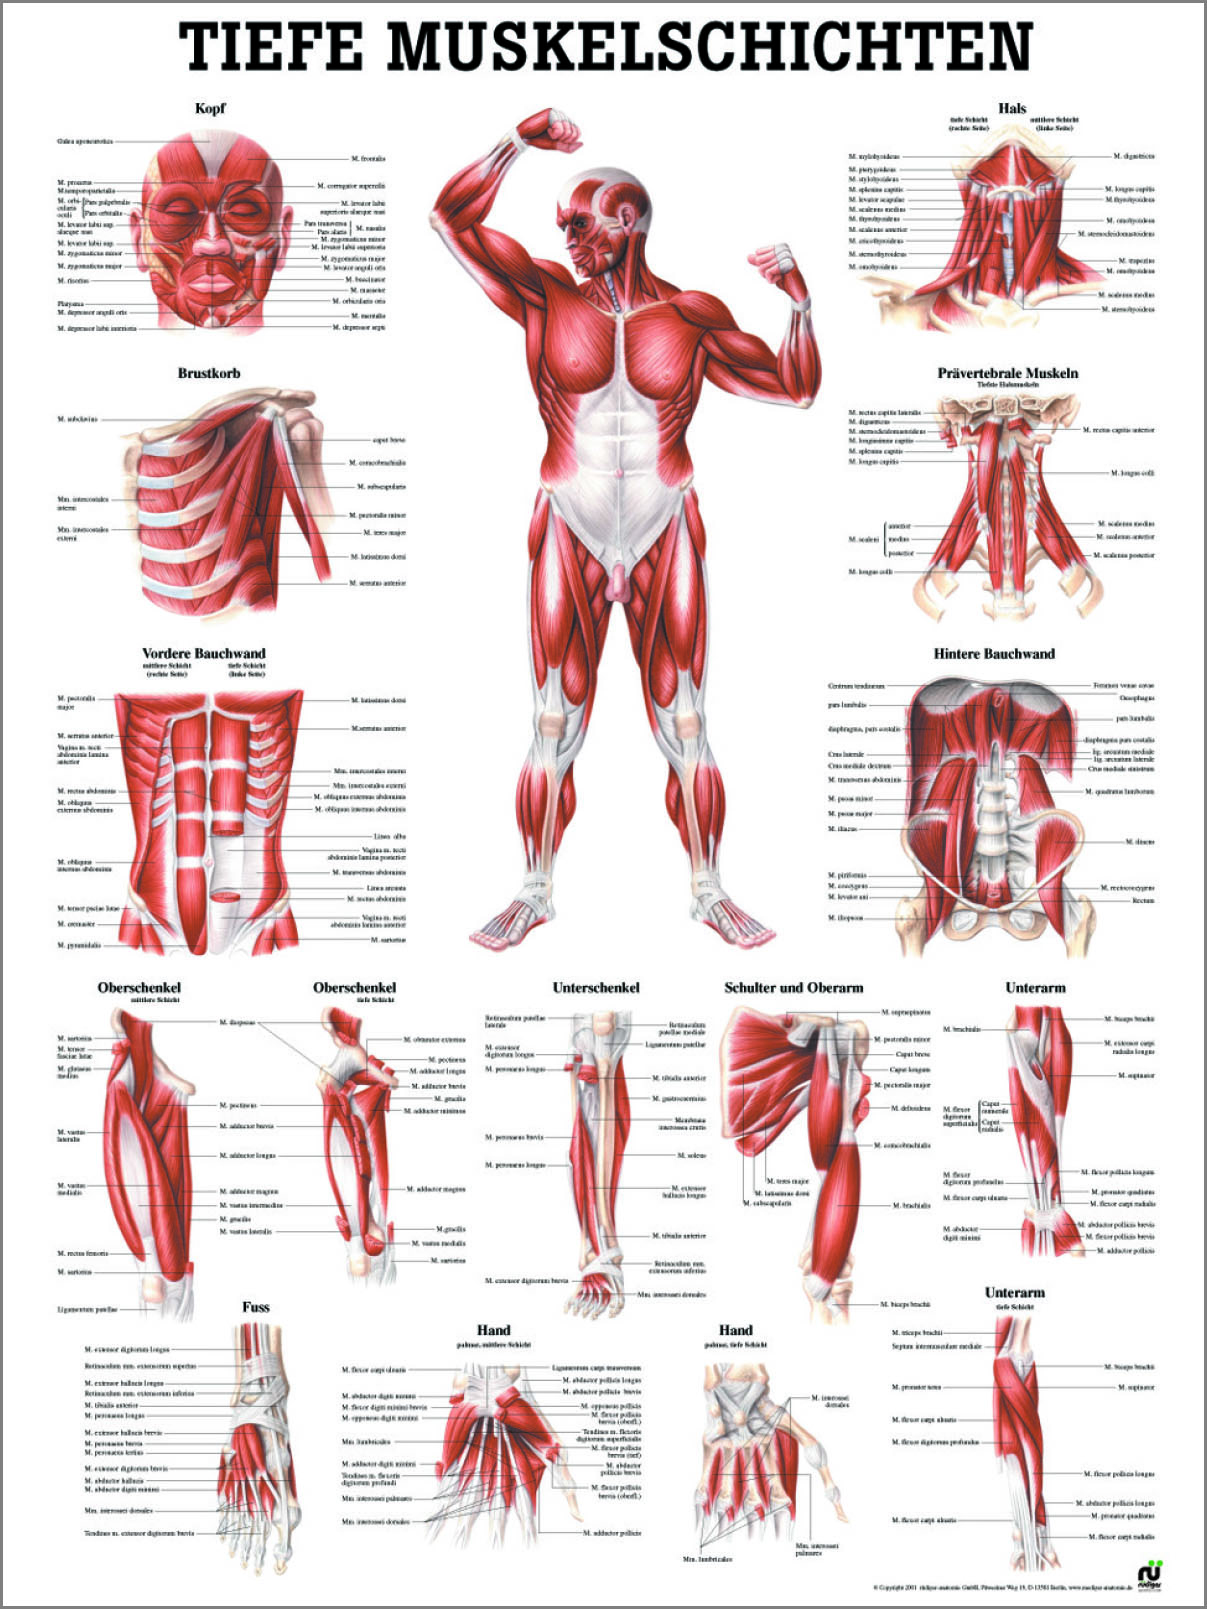 Schön Muskelanatomie Der Hand Fotos - Anatomie Ideen - finotti.info